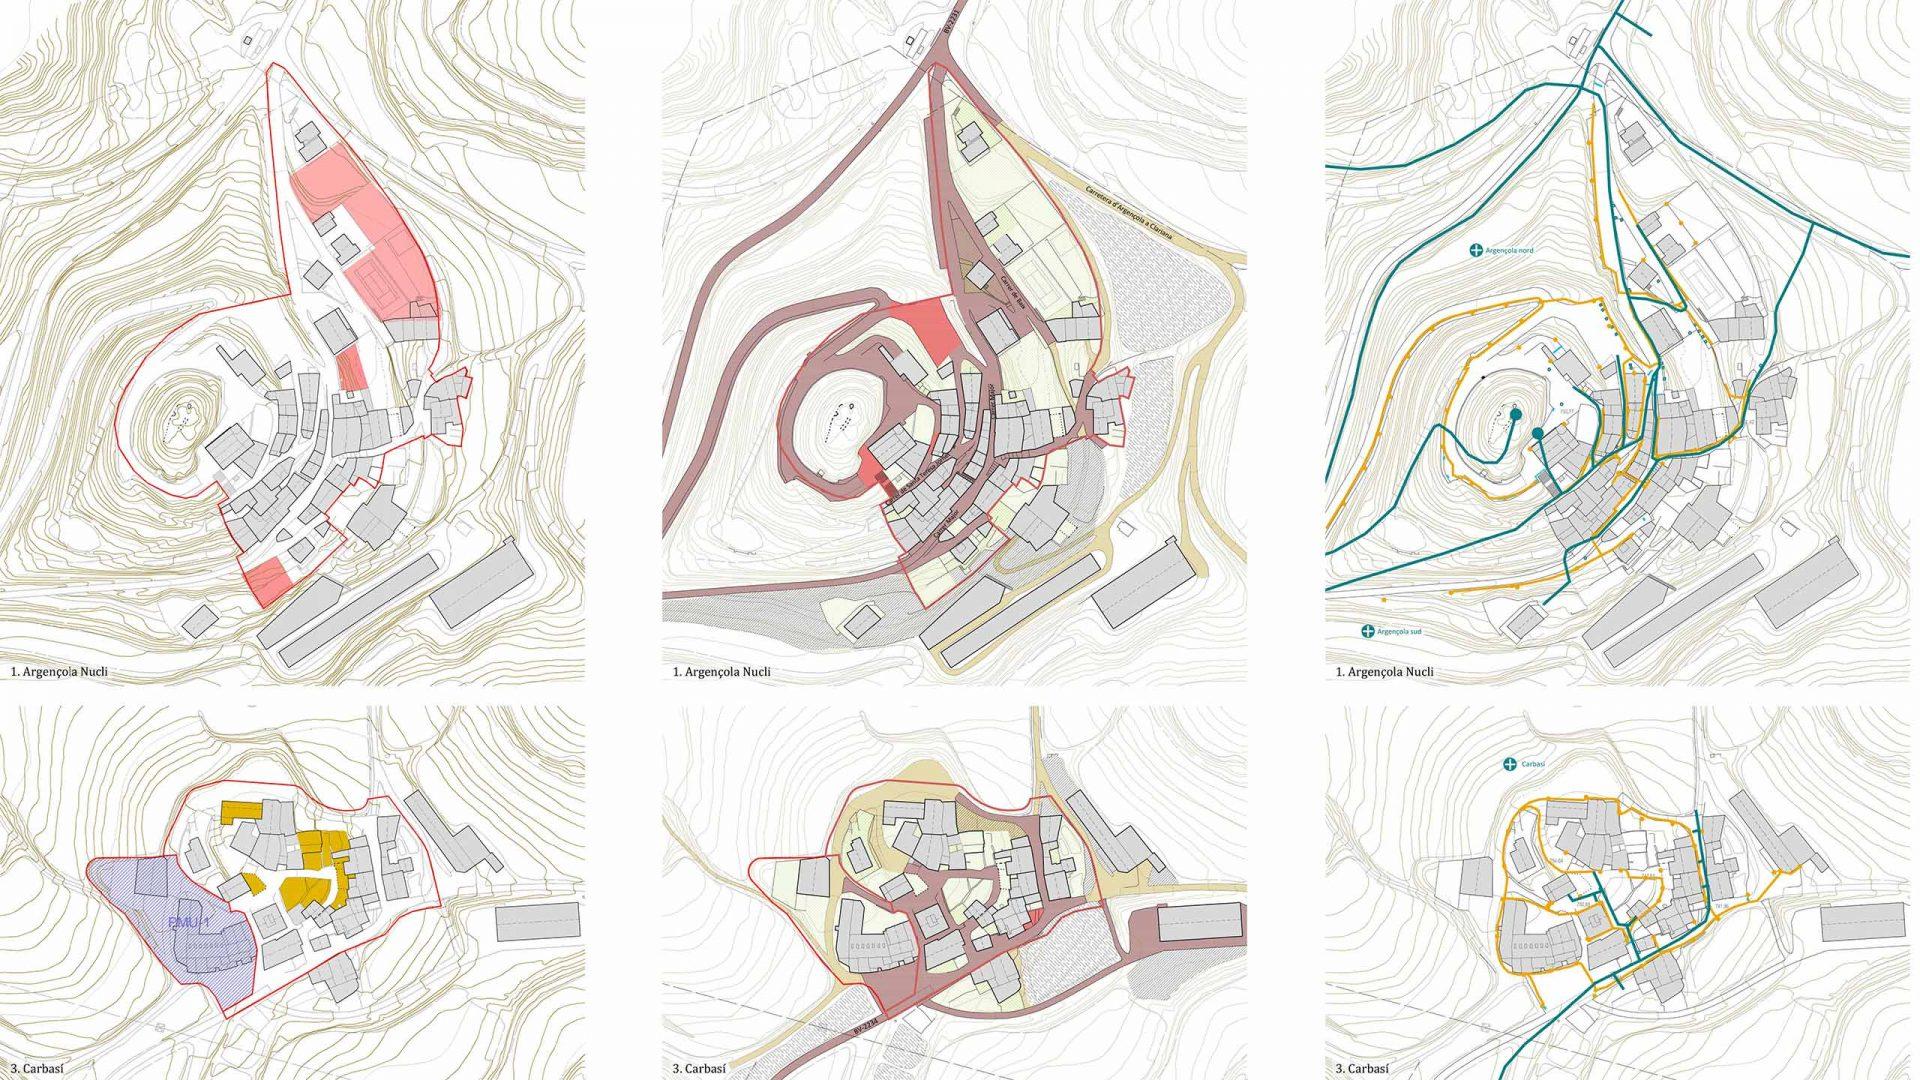 Estudi dels diferents nuclis urbans a nivell del potencial d'habitatges en sòl urbà, l'estat de urbanització i les xarxes de serveis urbans.